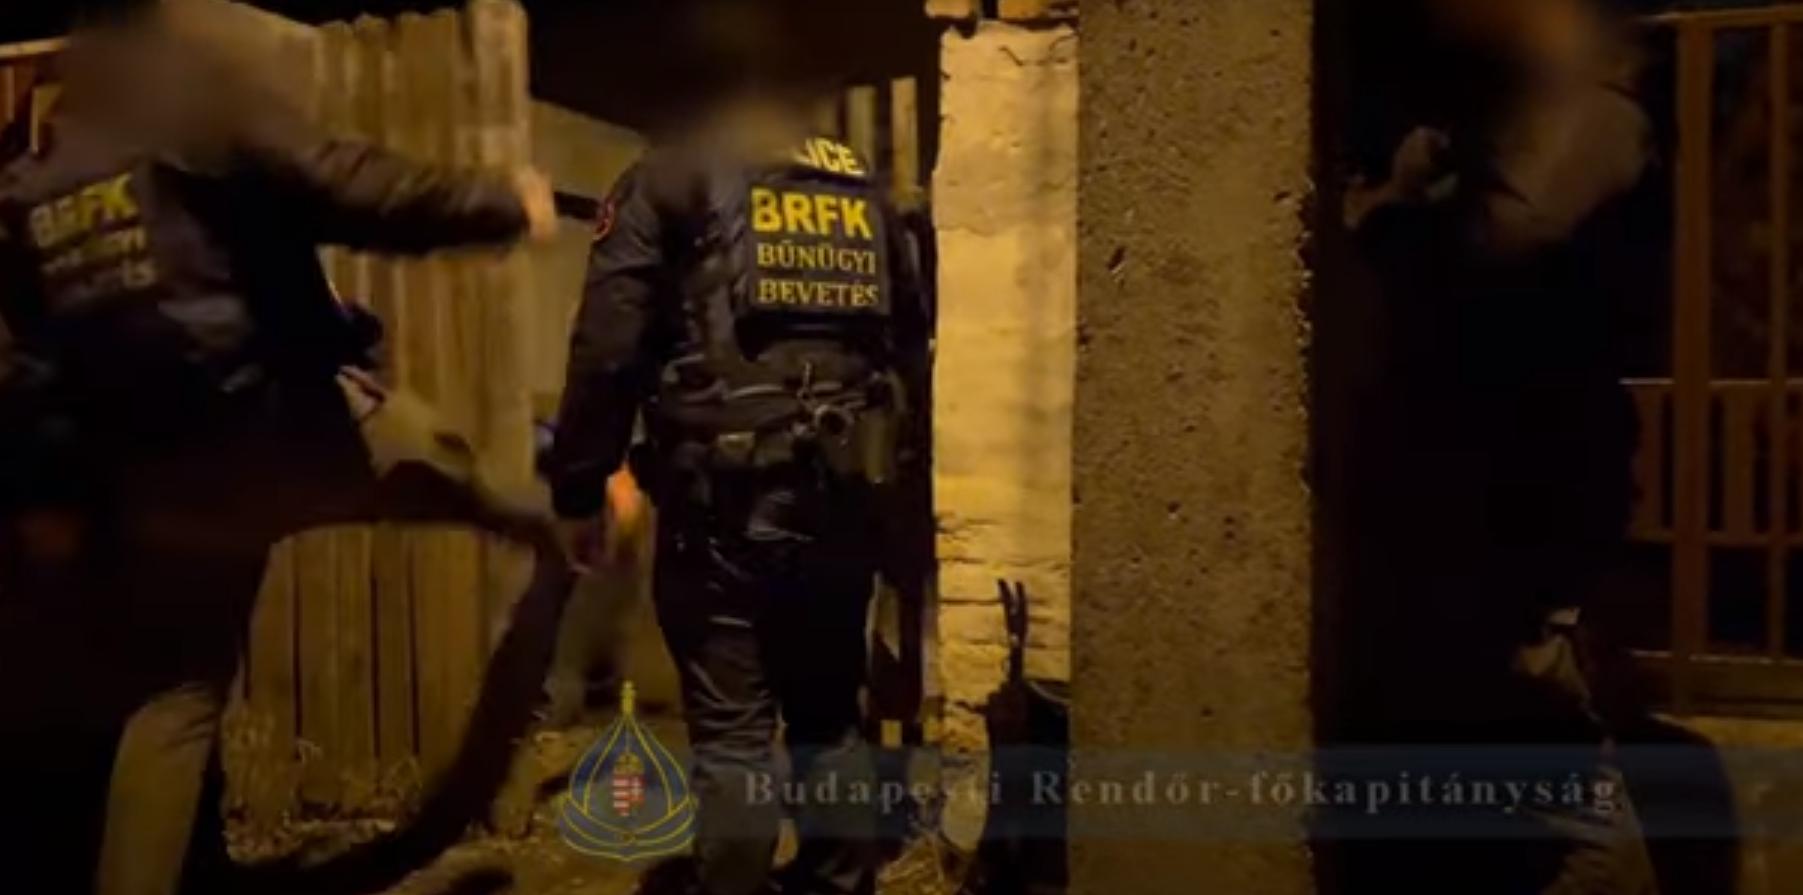 Banki ügyintéző segítségével csalt össze 80 millió forintot egy budapesti bűnszövetkezet